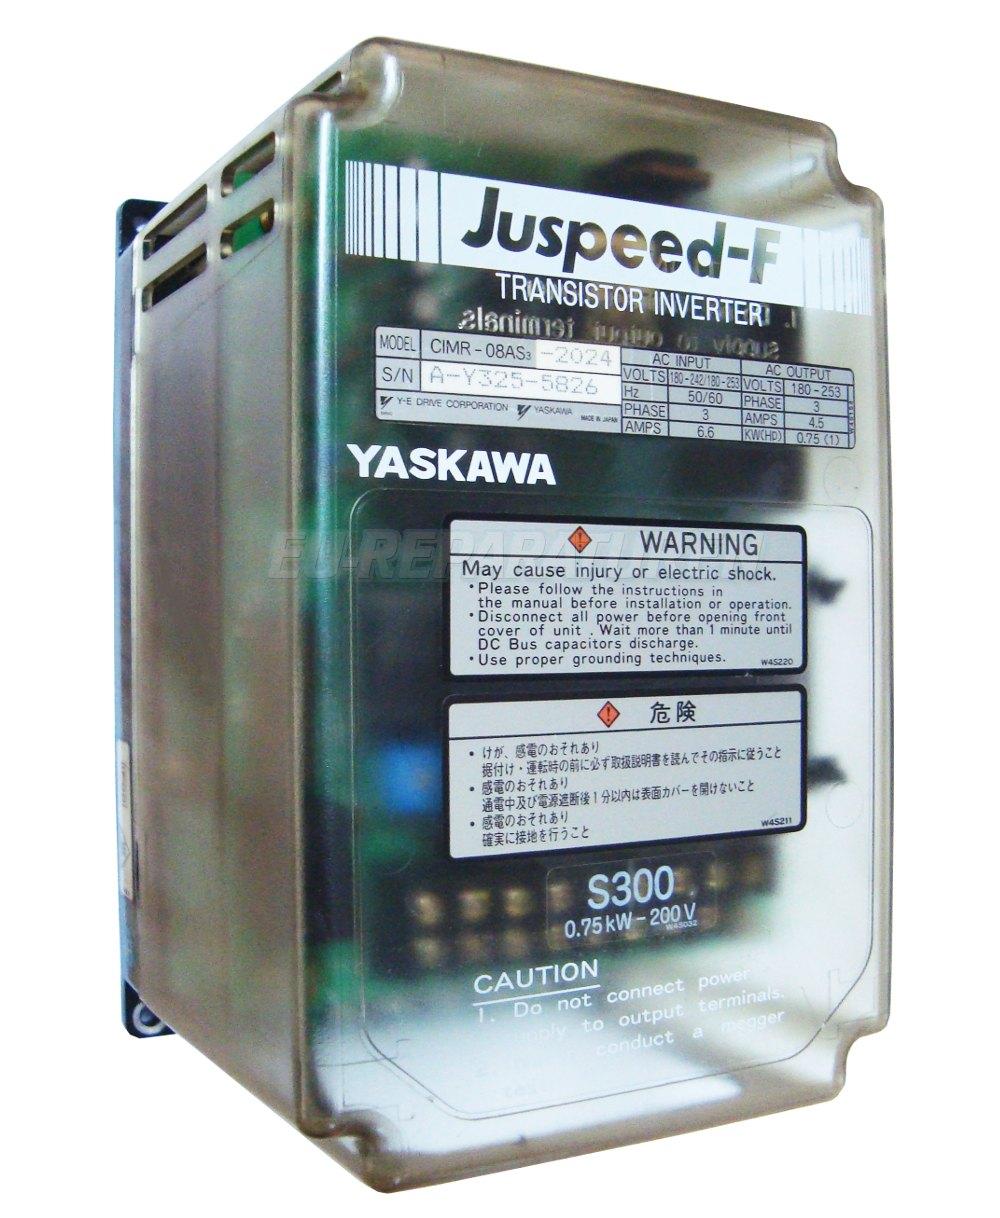 SERVICE YASKAWA CIMR-08AS3-2024 AC DRIVE